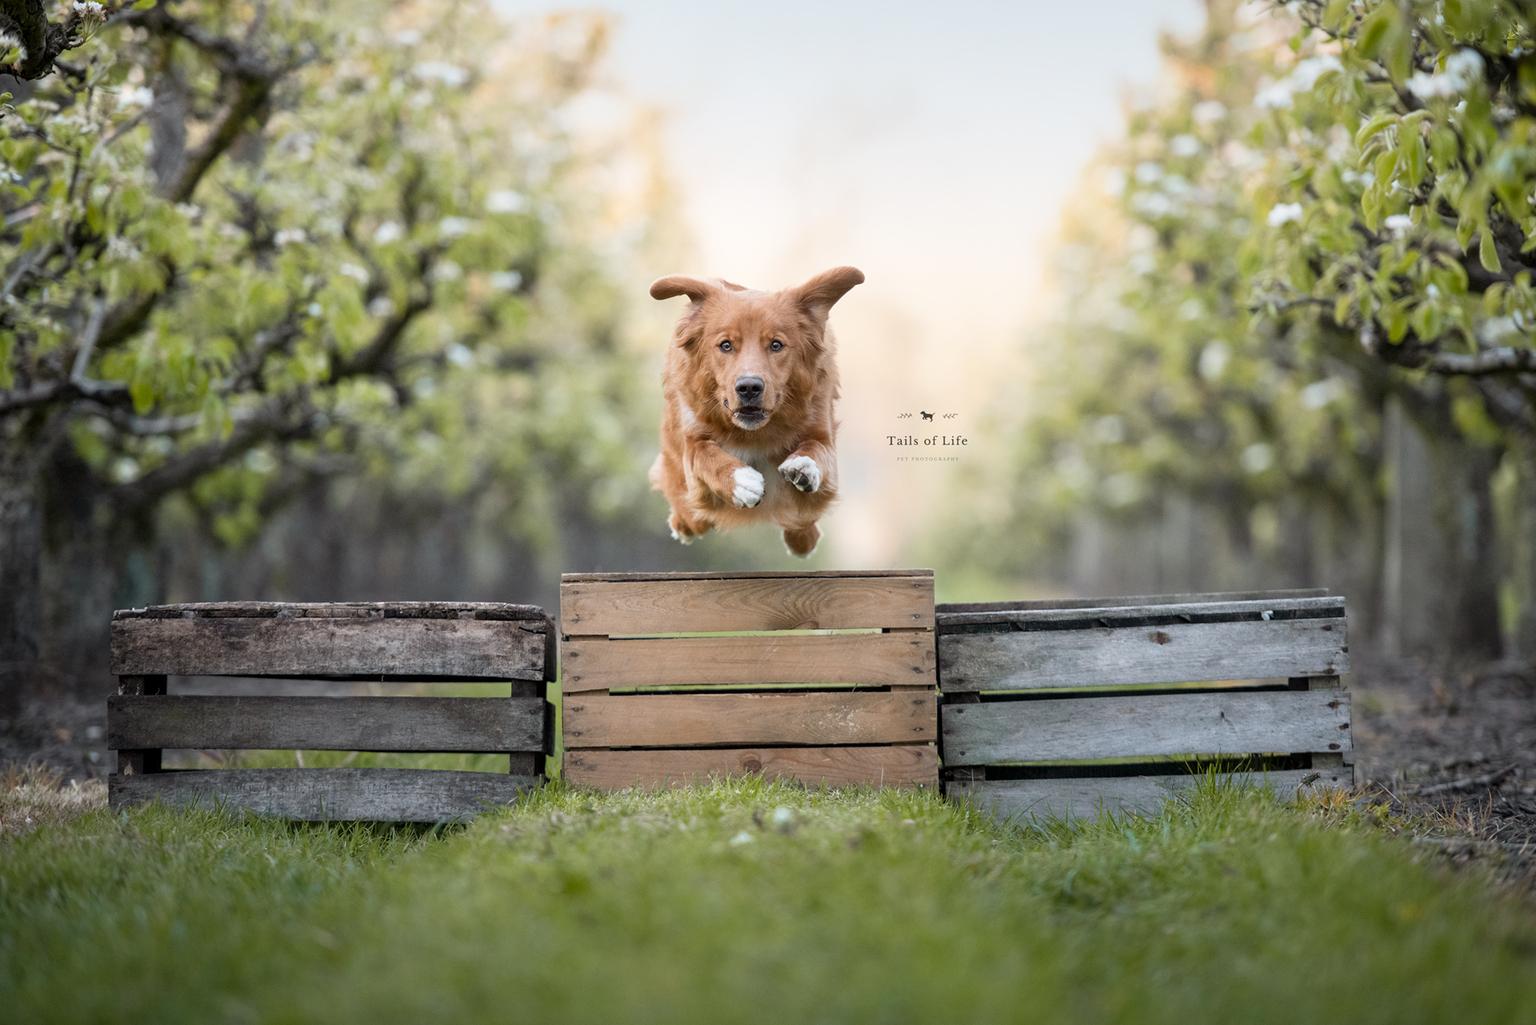 Vlieg met me mee... - ...naar de regenboog - foto door Tails-of-Life-Photography op 03-05-2021 - deze foto bevat: toller, ducktollingretreiver, bloesems, hondenfotografie, fabriek, hond, lucht, jurk, hout, natuurlijk landschap, mensen in de natuur, hondenras, carnivoor, boom